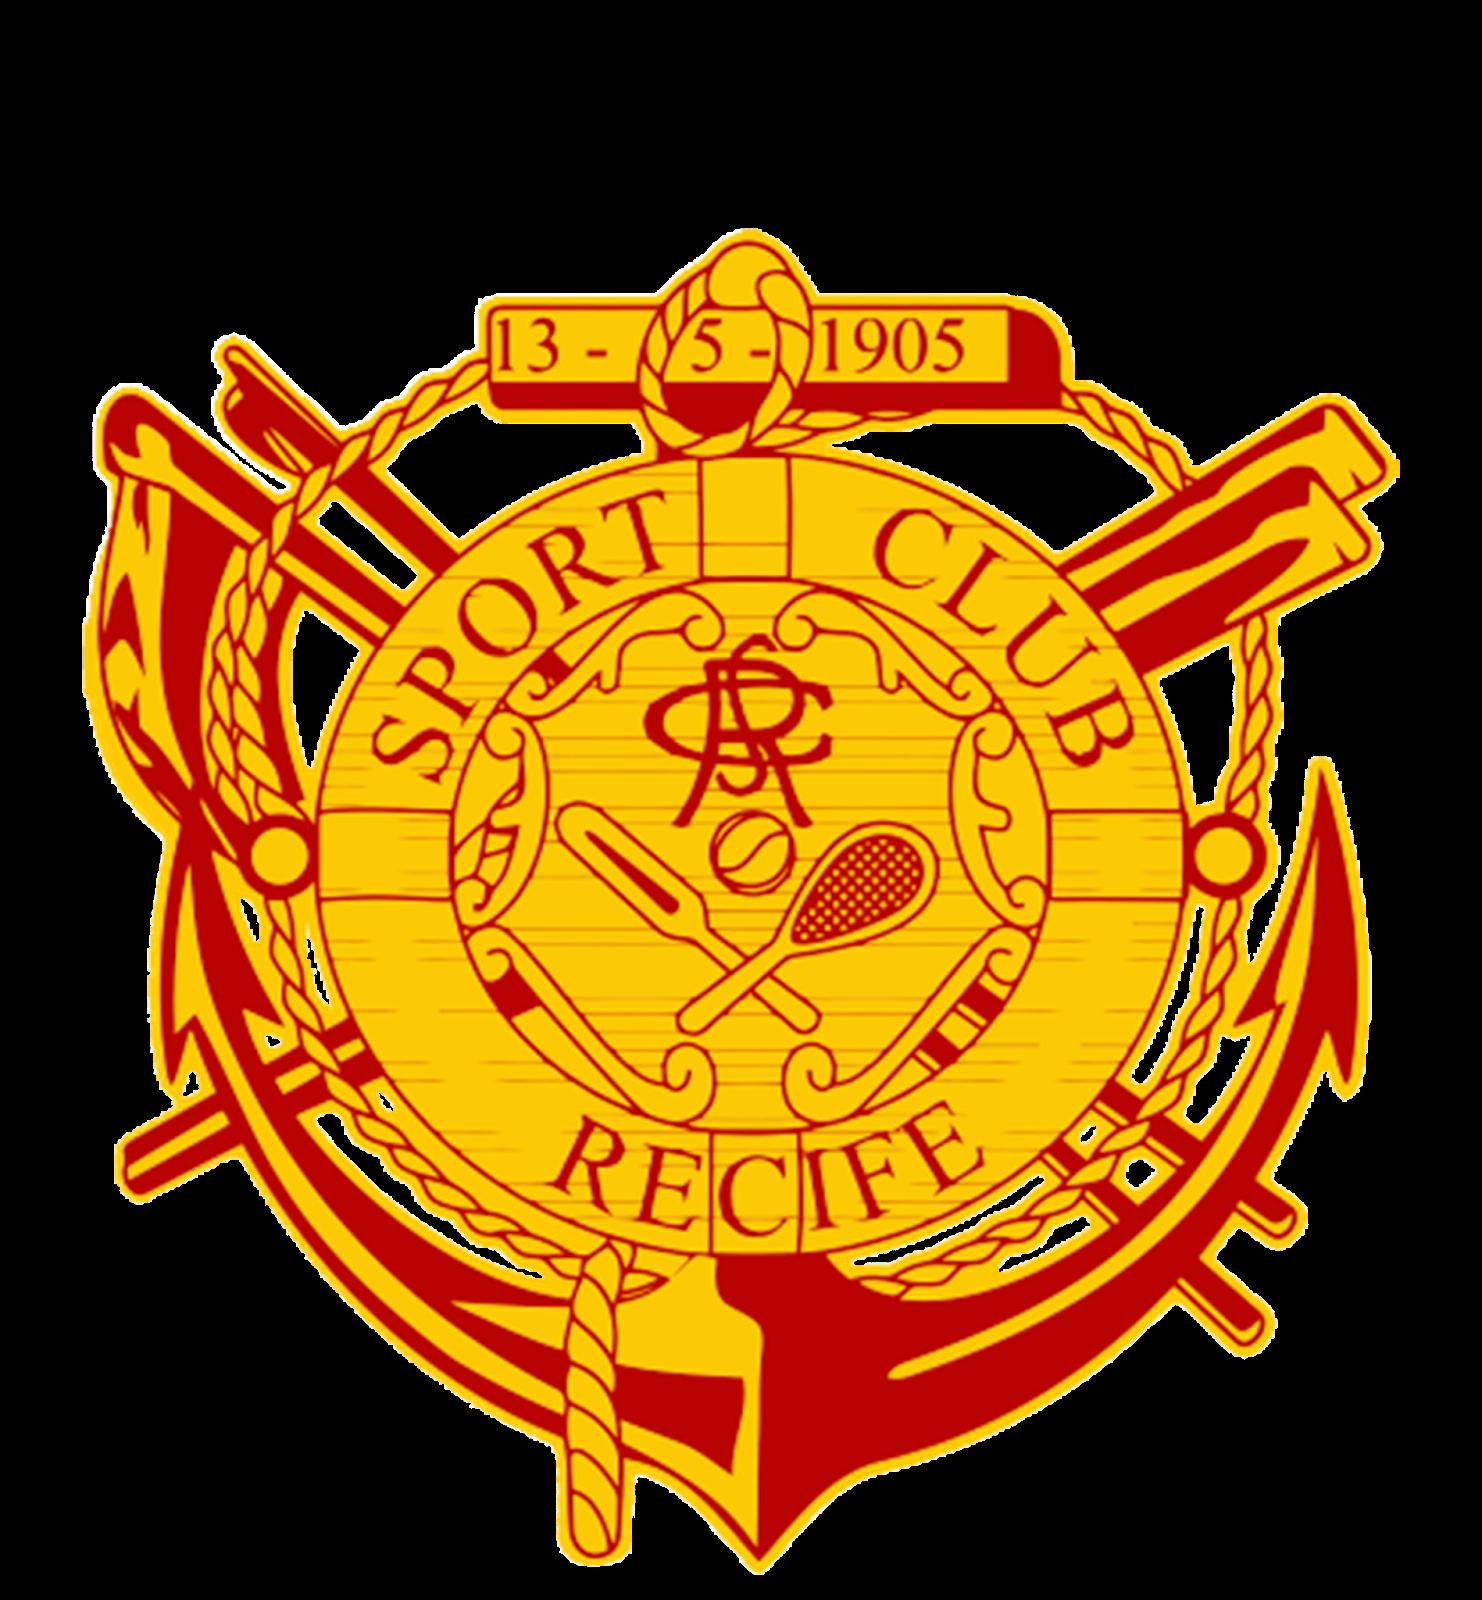 Sport Club do Recife (190555) [BR] Escudos de futebol